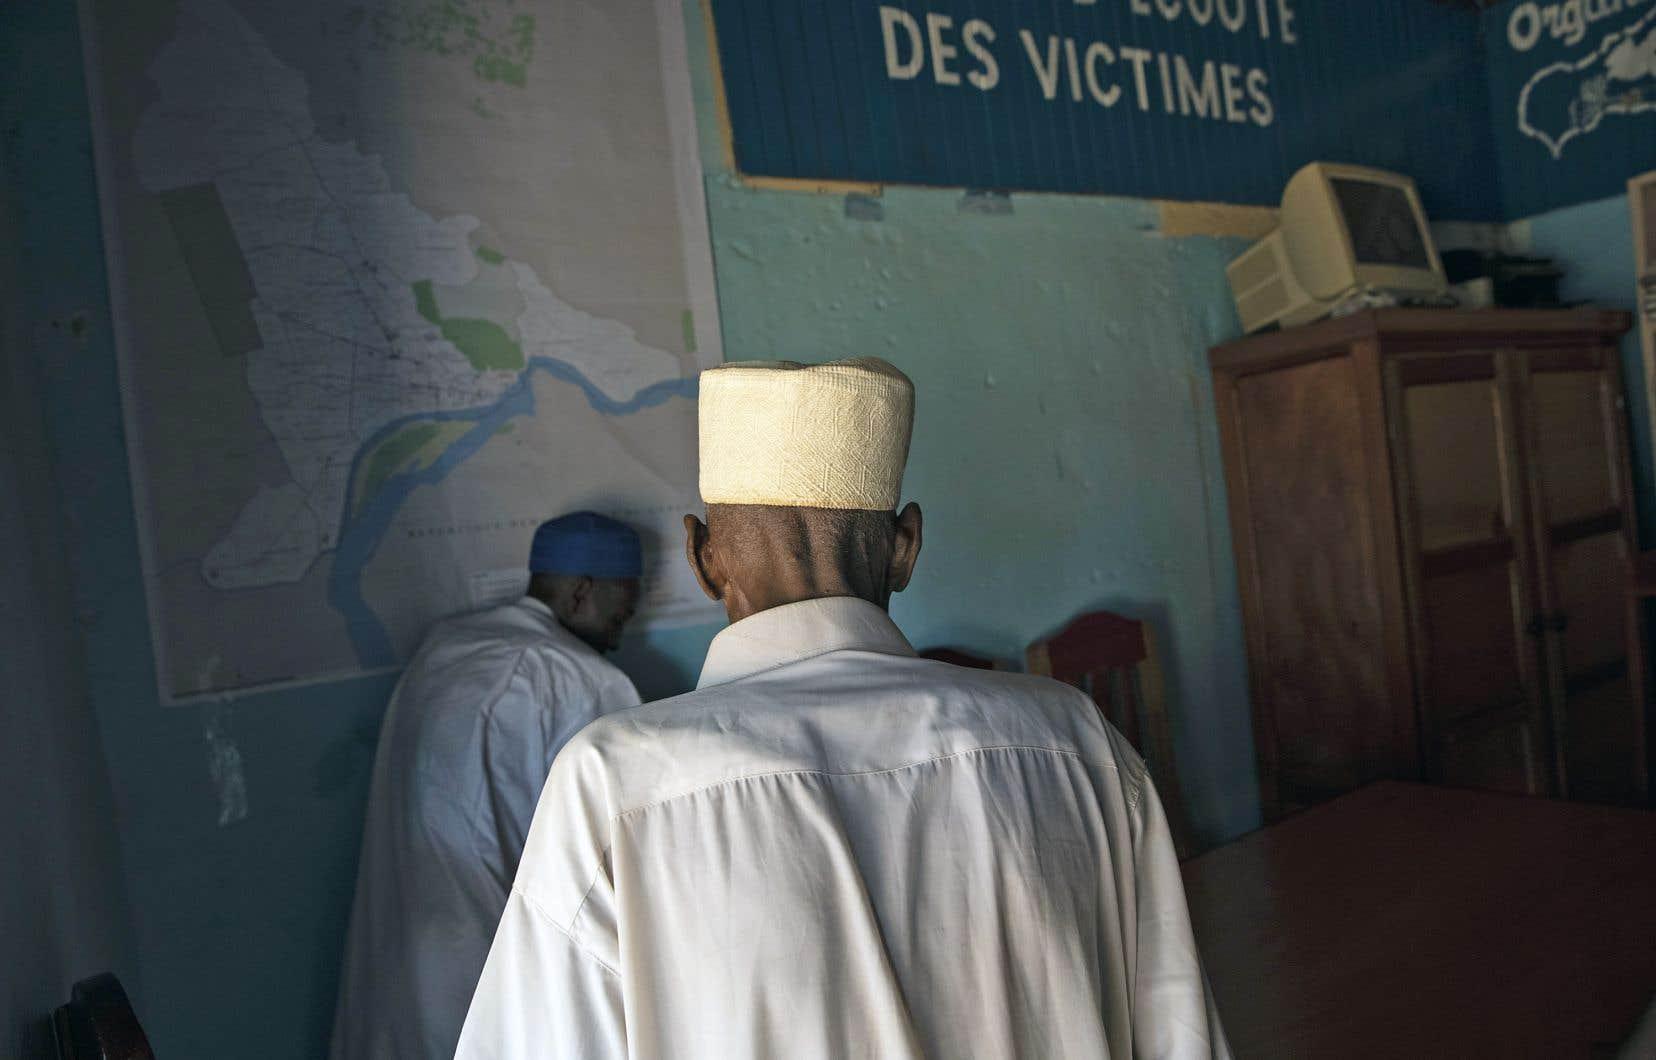 Le chef de milice centrafricain Alfred Yekatom Rombhot aurait dirigé, en 2013-2014, un groupe d'environ 3000 personnes qui auraient commis des actes de violence à l'encontre des musulmans du sud de Bangui, capitale de la République centrafricaine. Sur la photo, une victime présumée de Rombhot, dans les bureaux de la Coordination des organisations musulmanes de Centrafrique à Bangui.